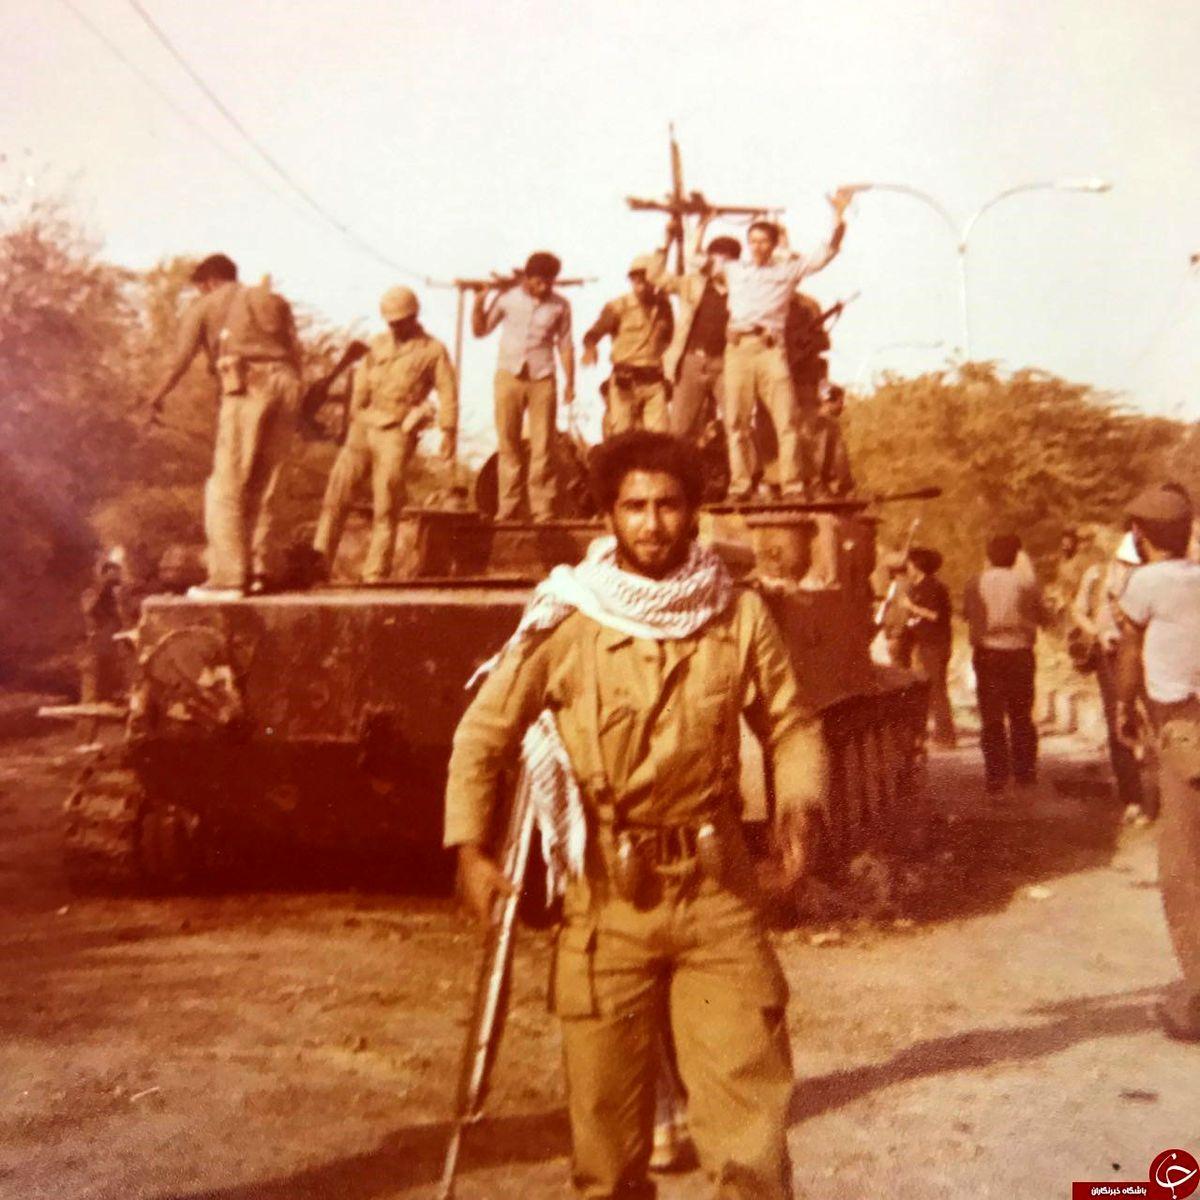 تصویر زیرخاکی حمید معصومی نژاد در جبهه